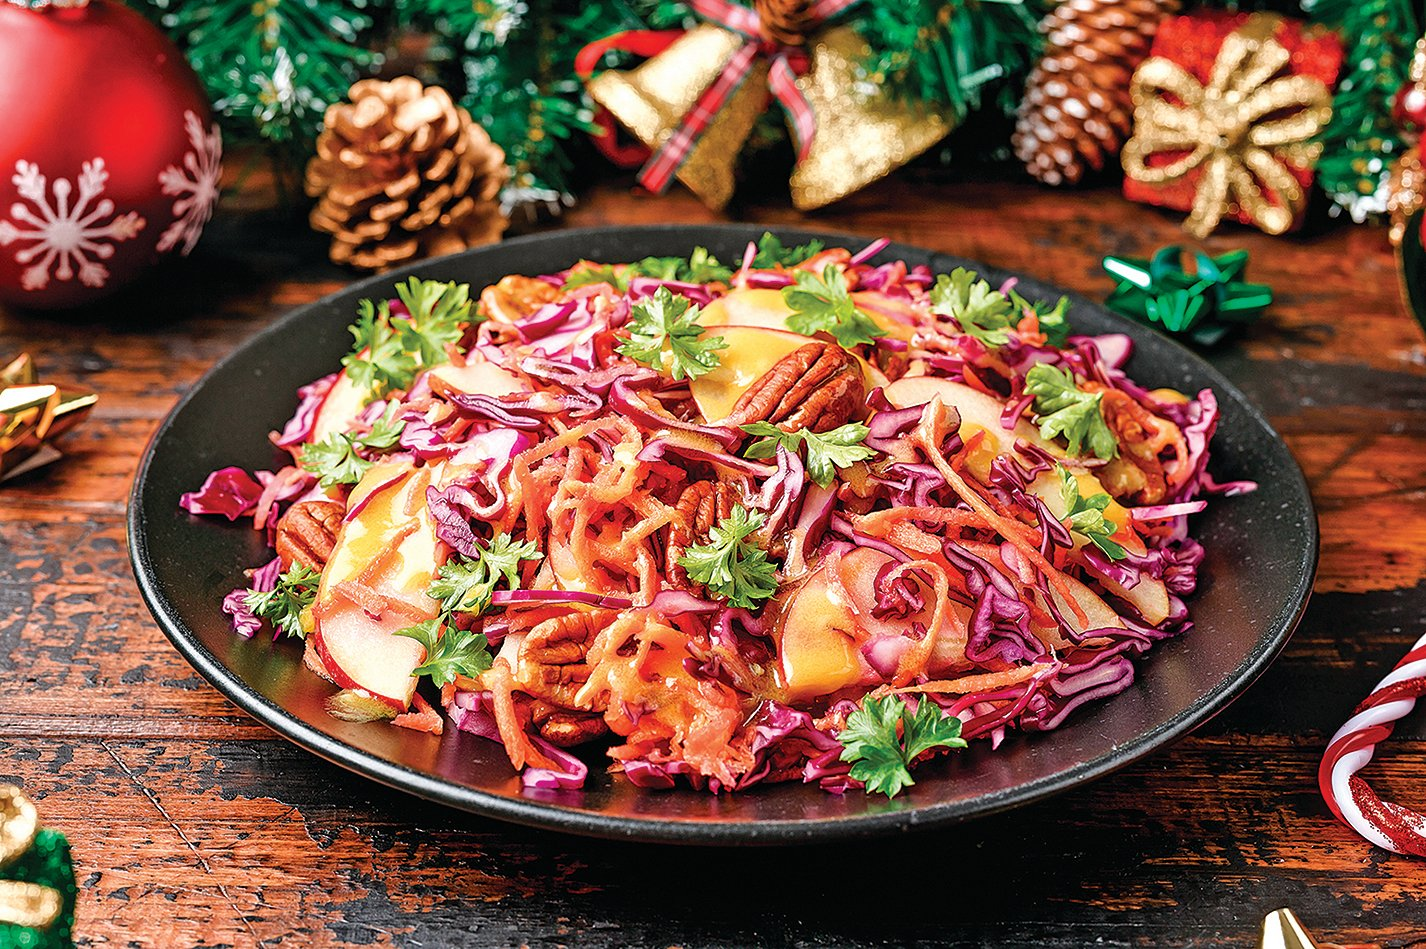 蔬菜沙律或雞肉沙律都可添加凍乾水果,清香甘甜。